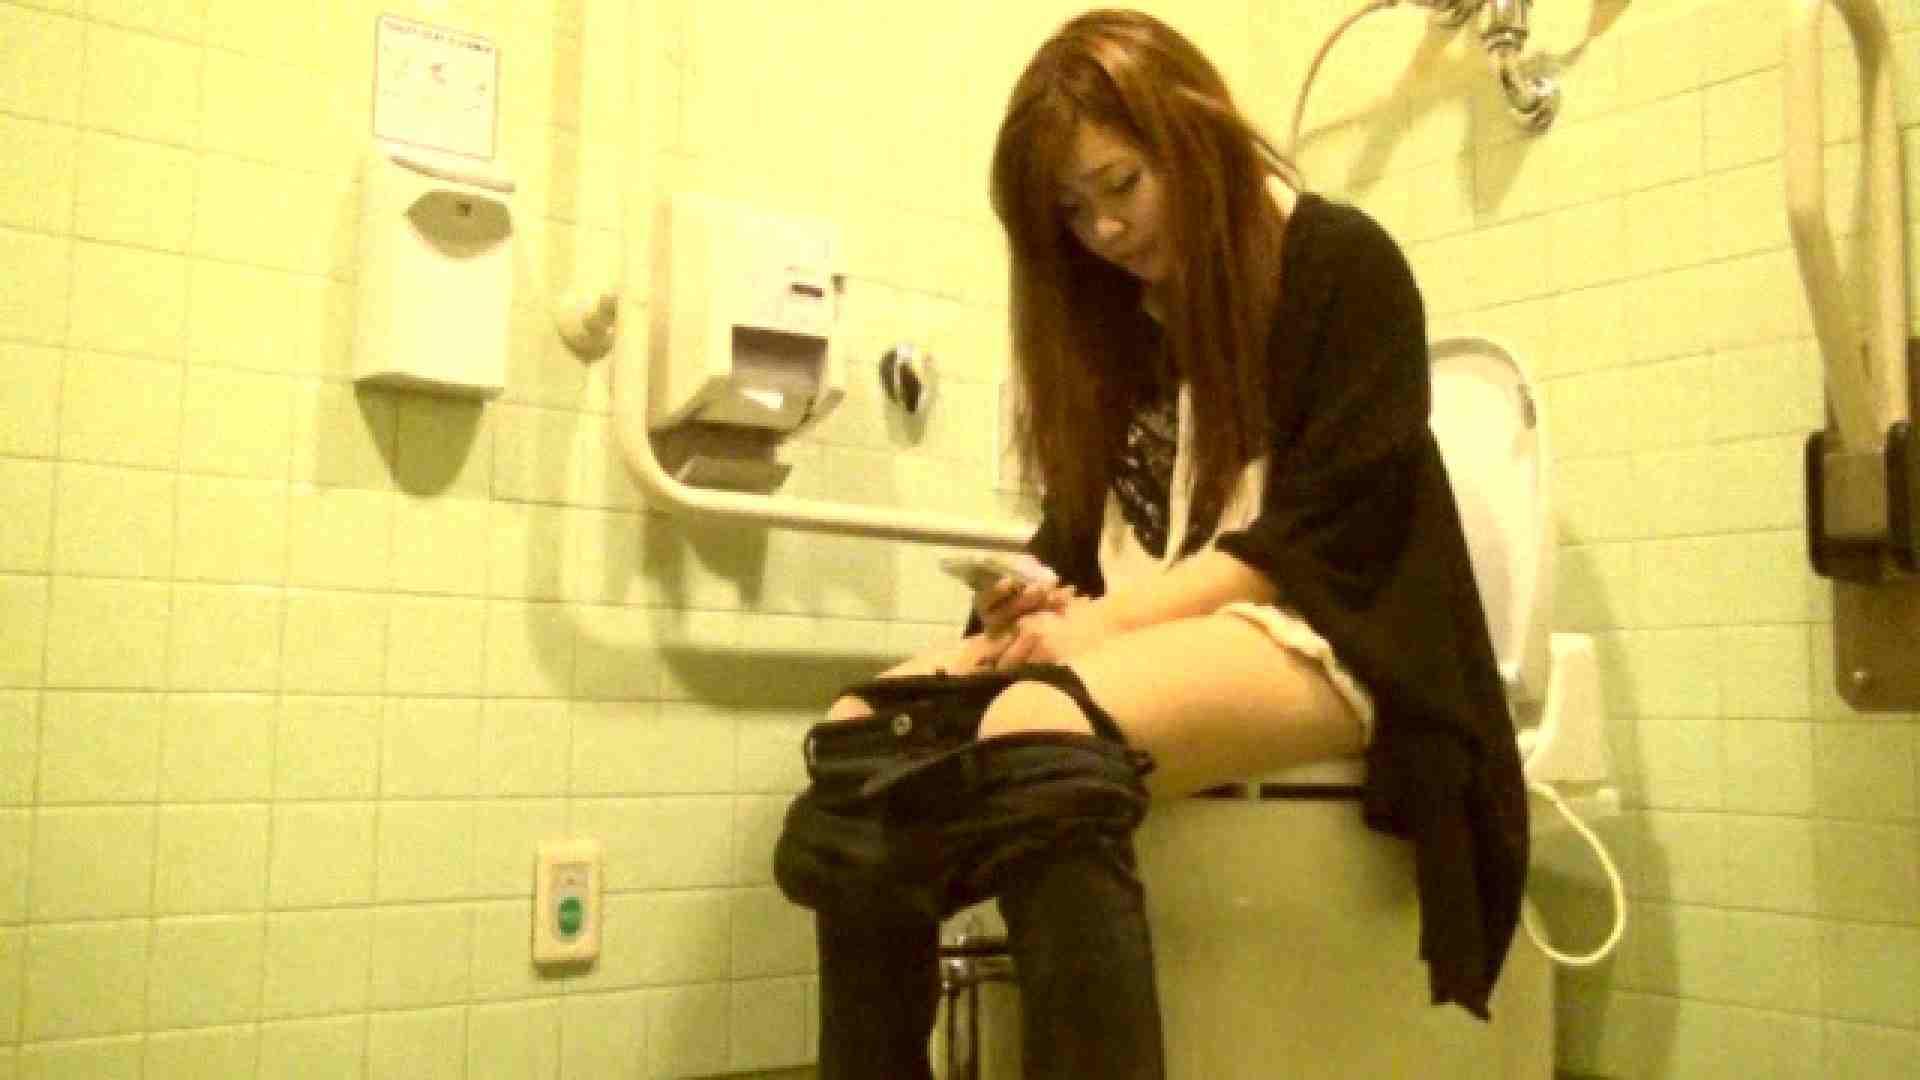 魔術師の お・も・て・な・し vol.26 19歳のバーの店員さんの洗面所をしばし… 洗面所 | 美女OL  54連発 7